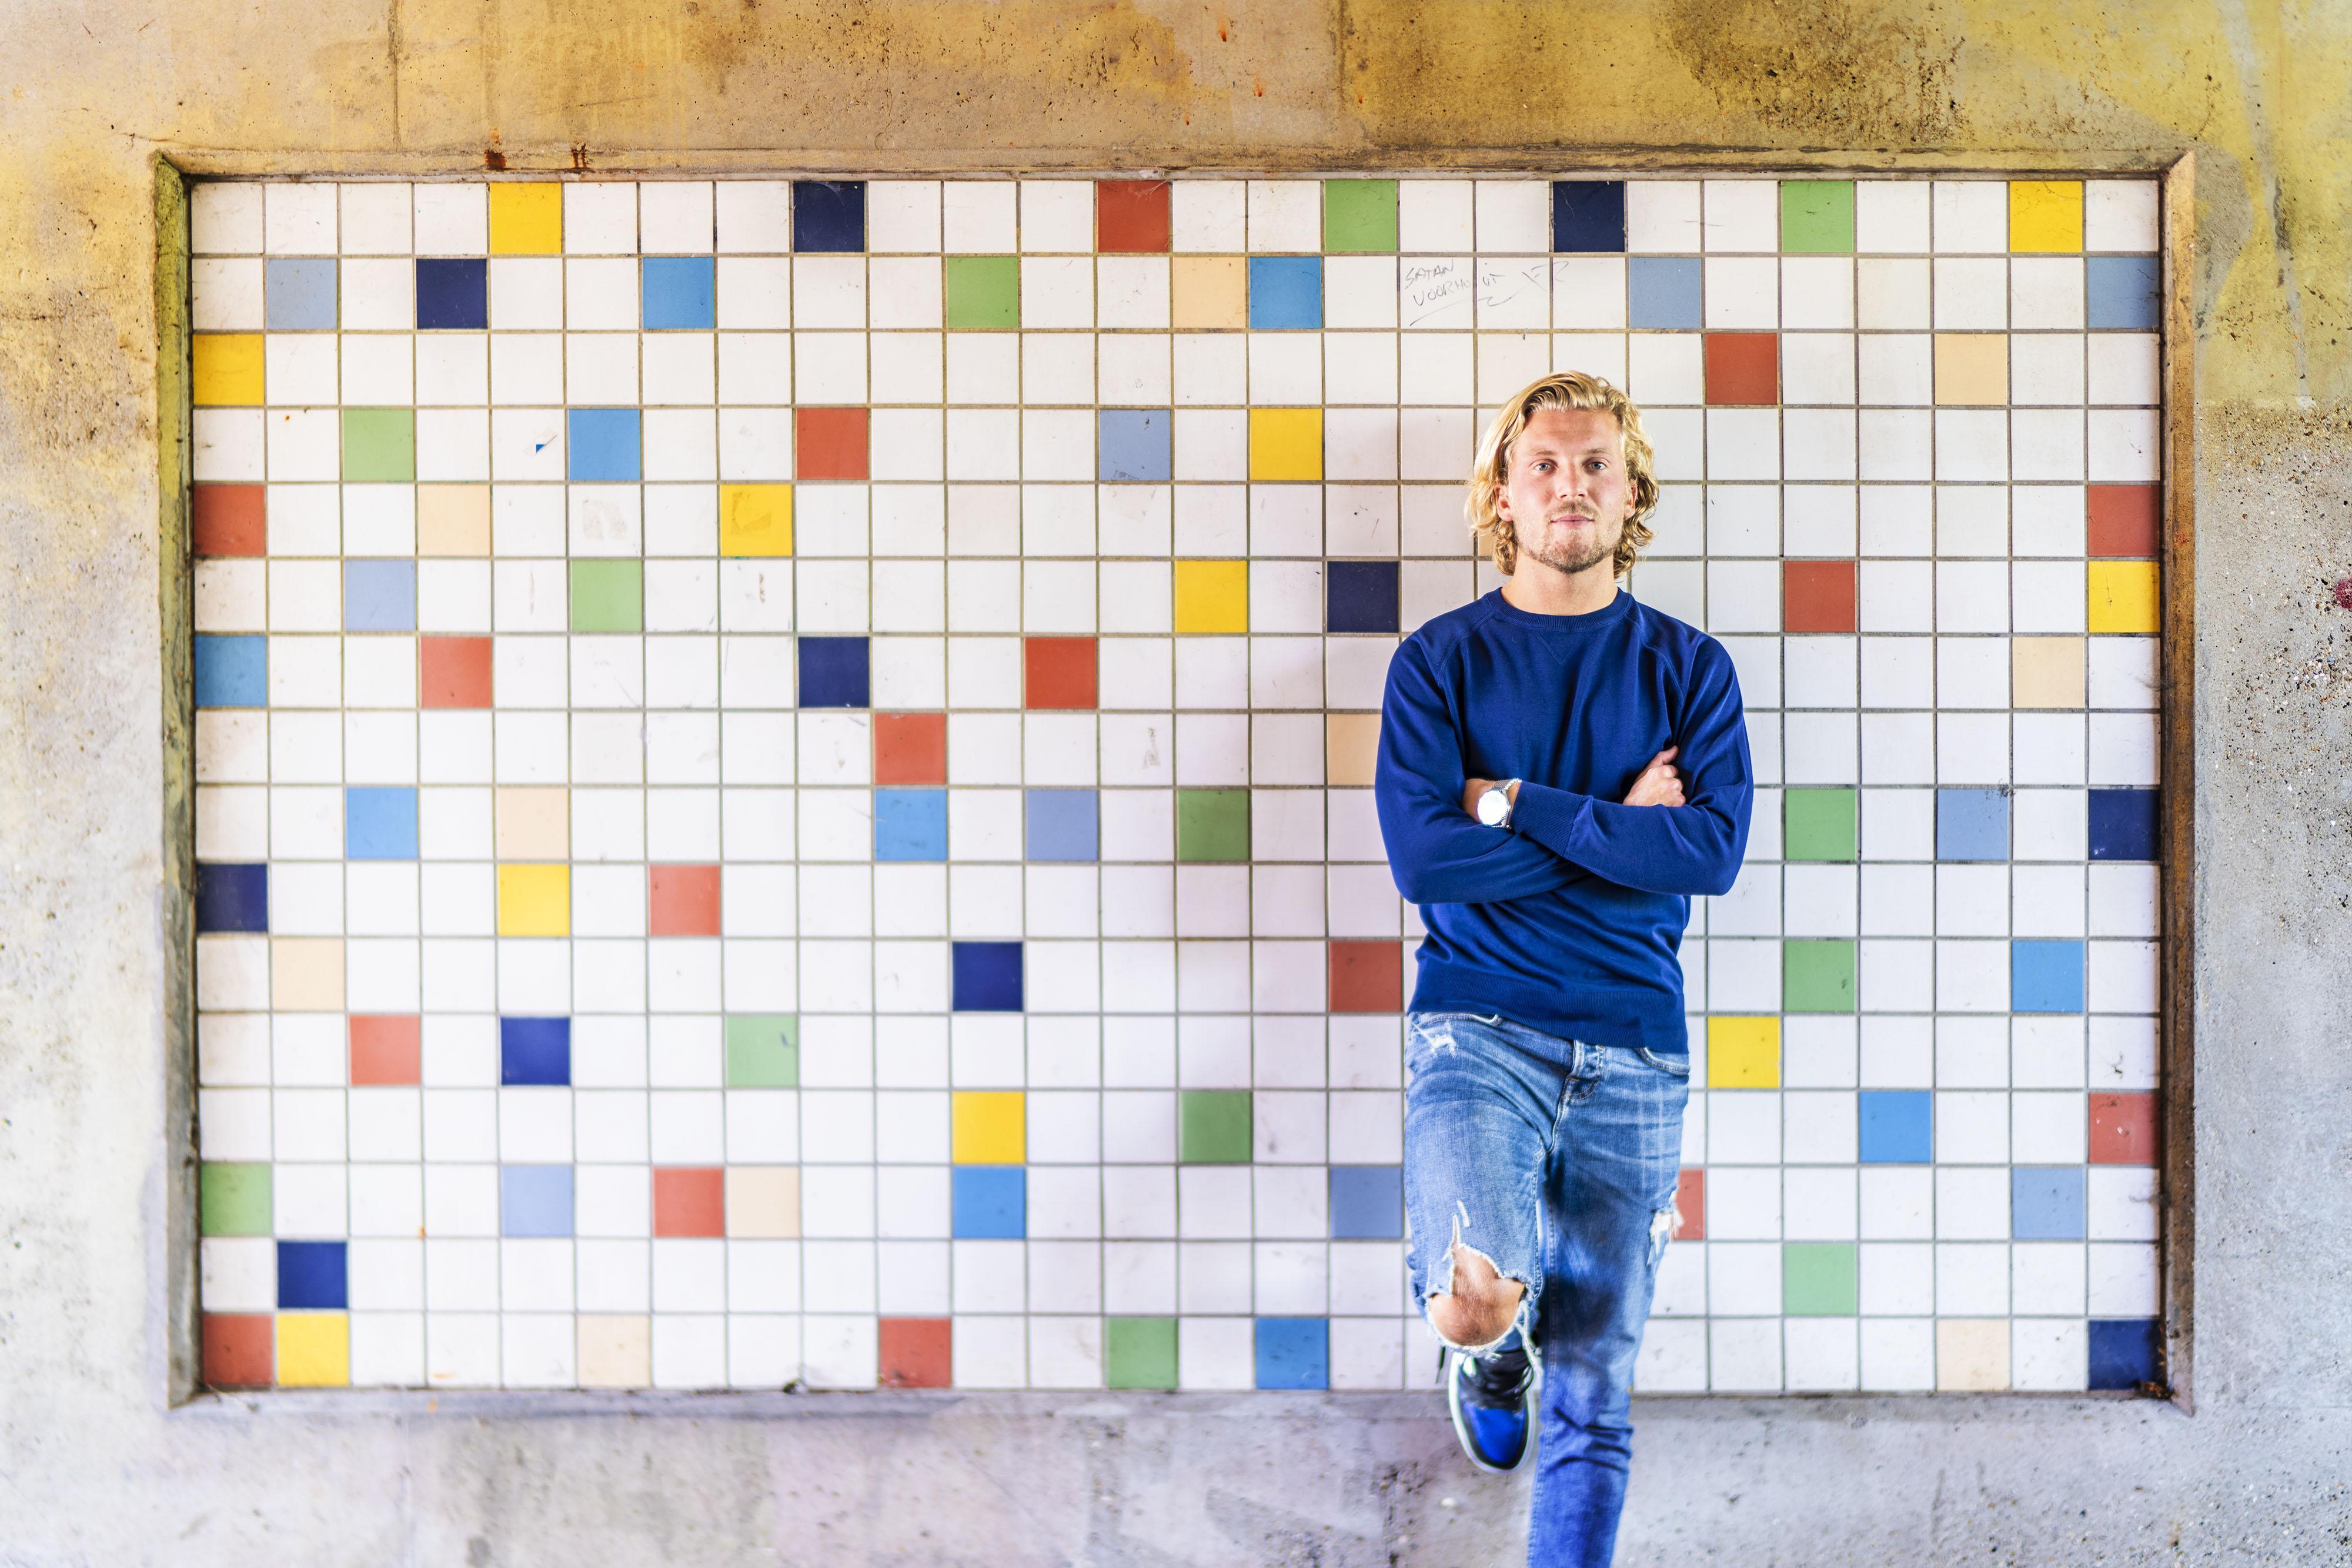 Blessures stonden een doorbraak van talent Nino Roffelsen in de weg. Hij voetbalt nu bij Noordwijk, maar moet nog wennen aan het ritme